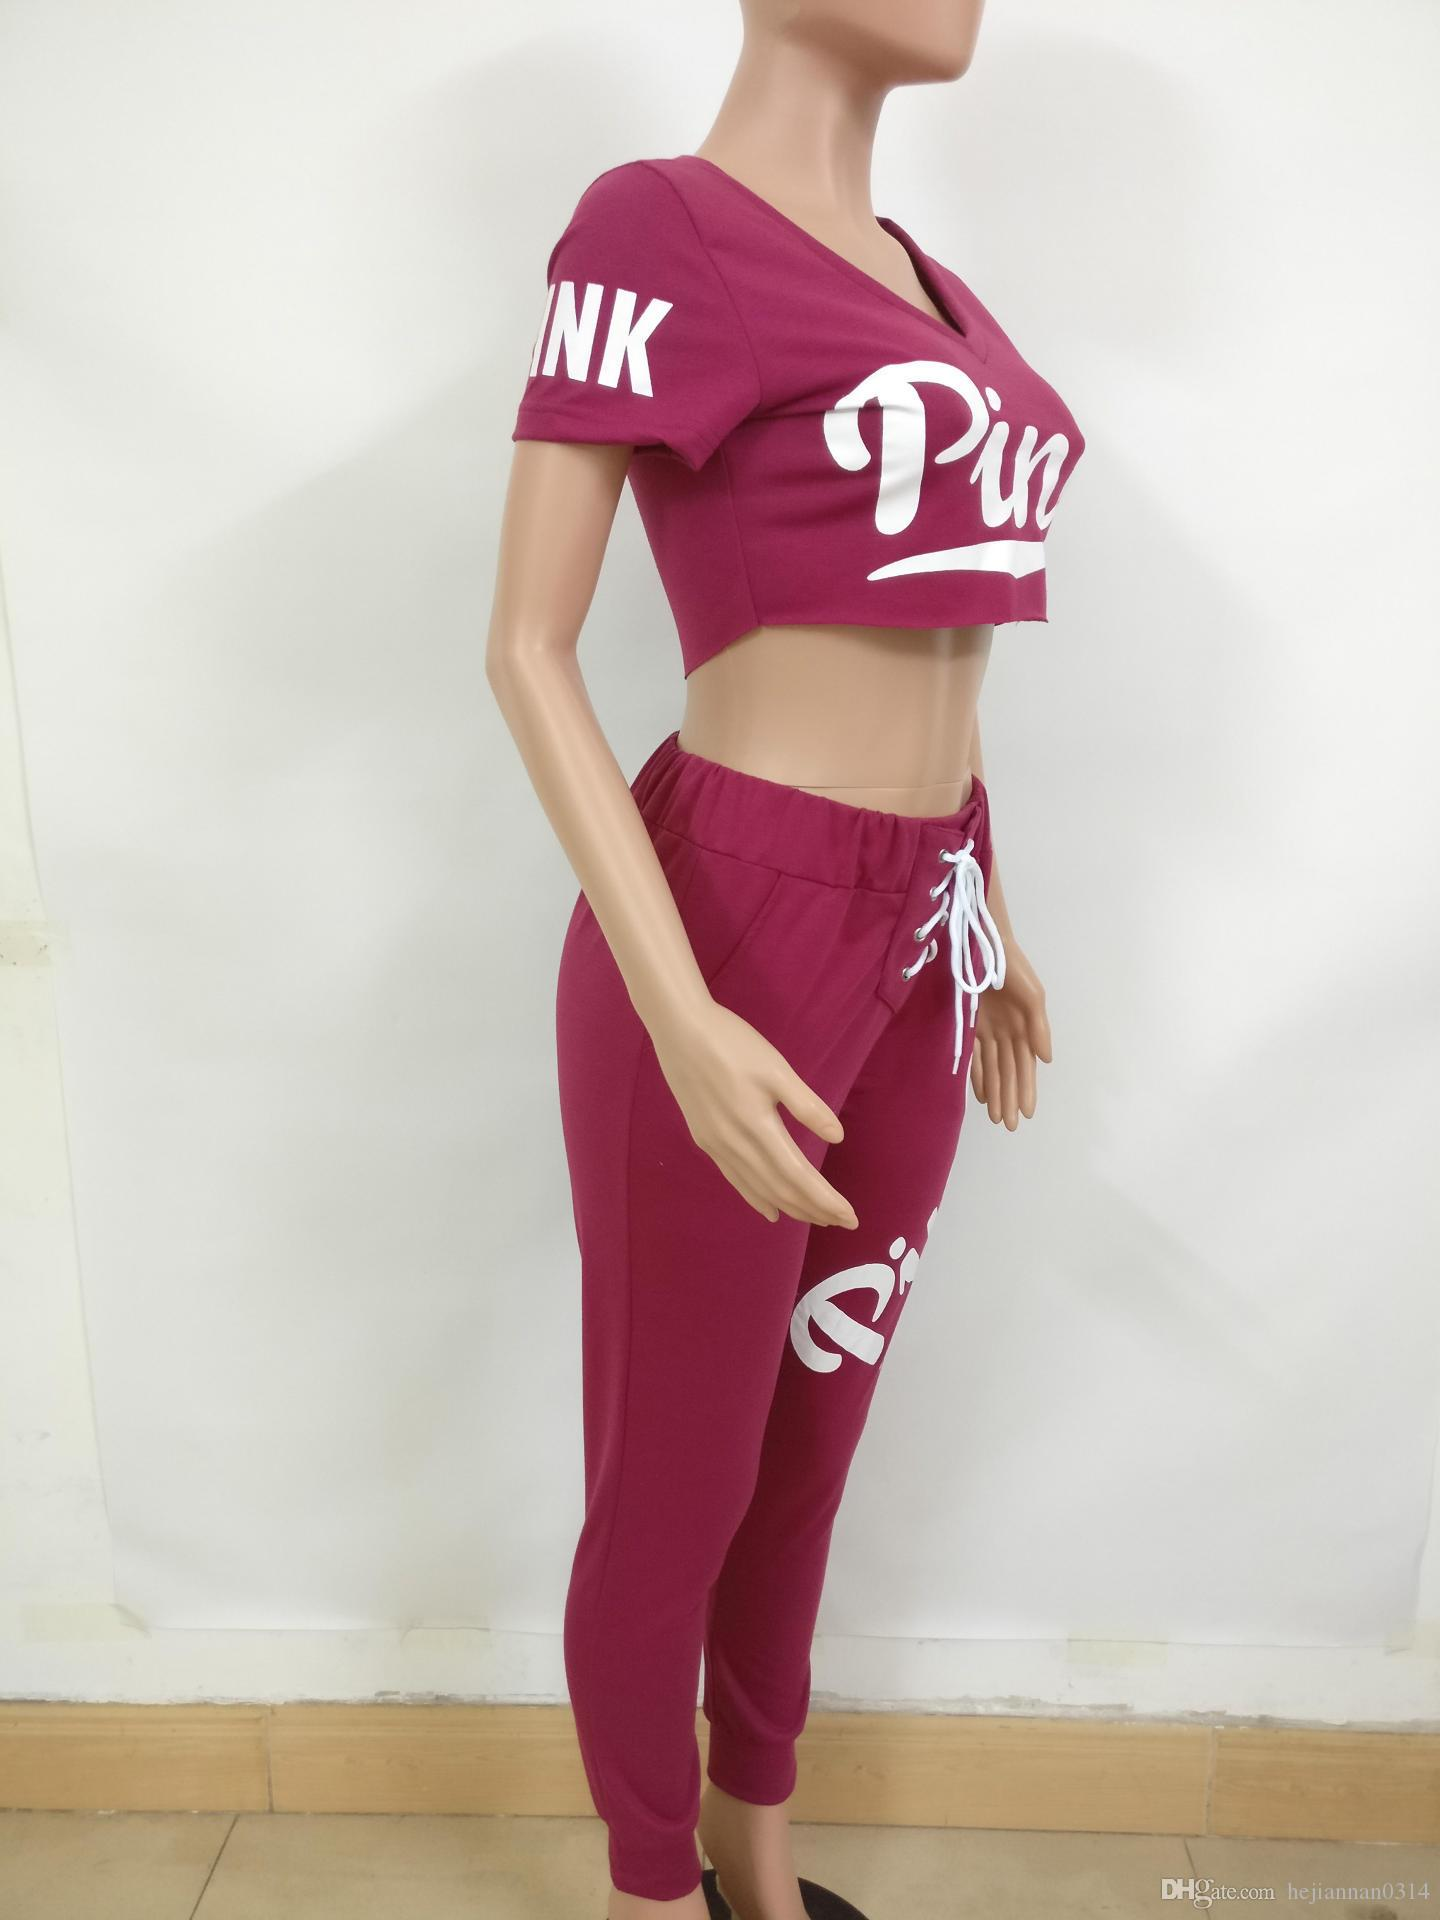 Amour Rose Femmes Survêtement Paillettes V-Neck Pull T Shirt + Pantalon Ensemble Rose Lettre Print Printemps Haut Sportswear Dames Vêtements Costume